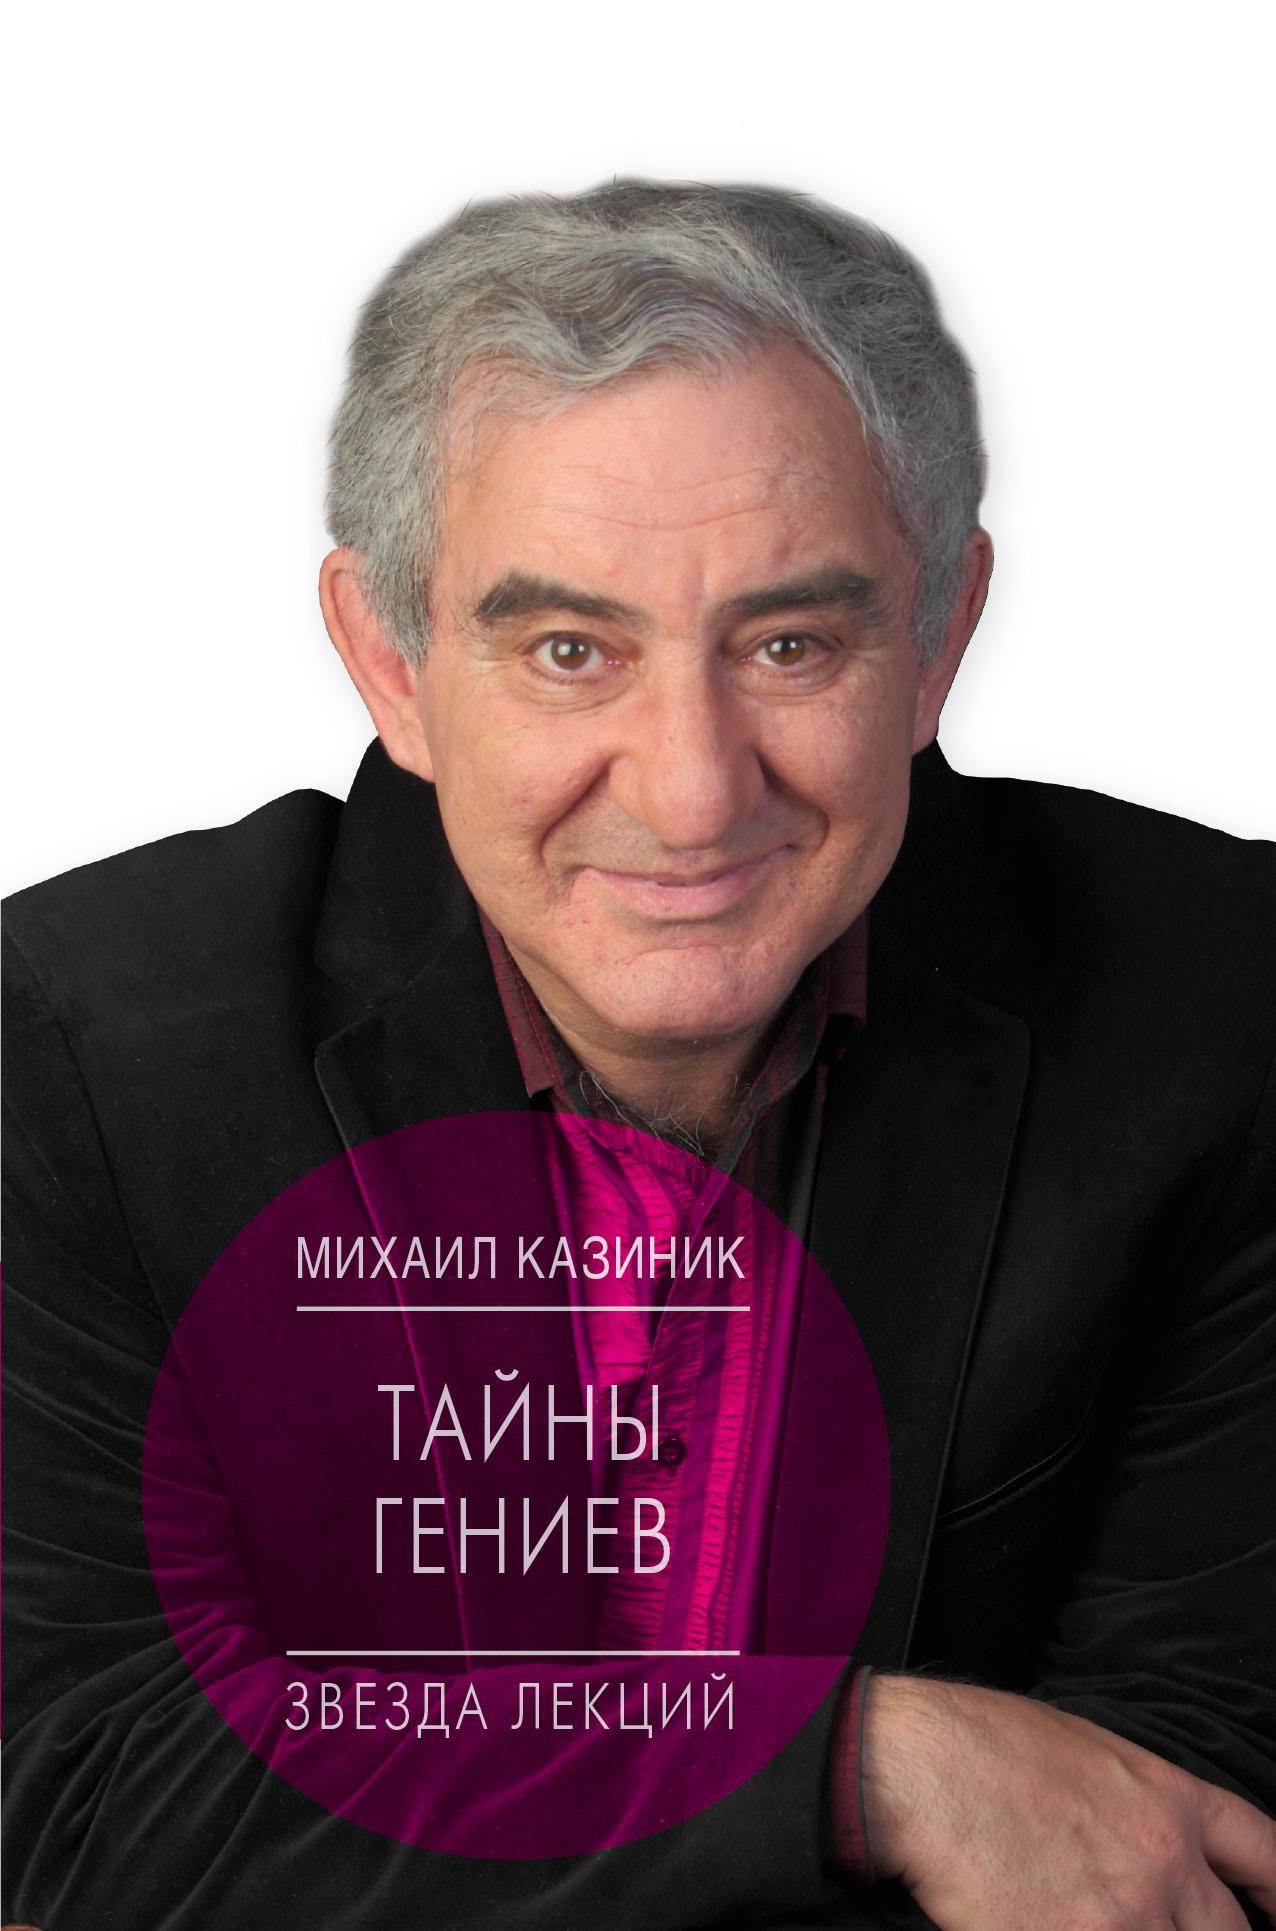 МИХАИЛ КАЗИНИК ТАЙНЫ ГЕНИЕВ СКАЧАТЬ БЕСПЛАТНО